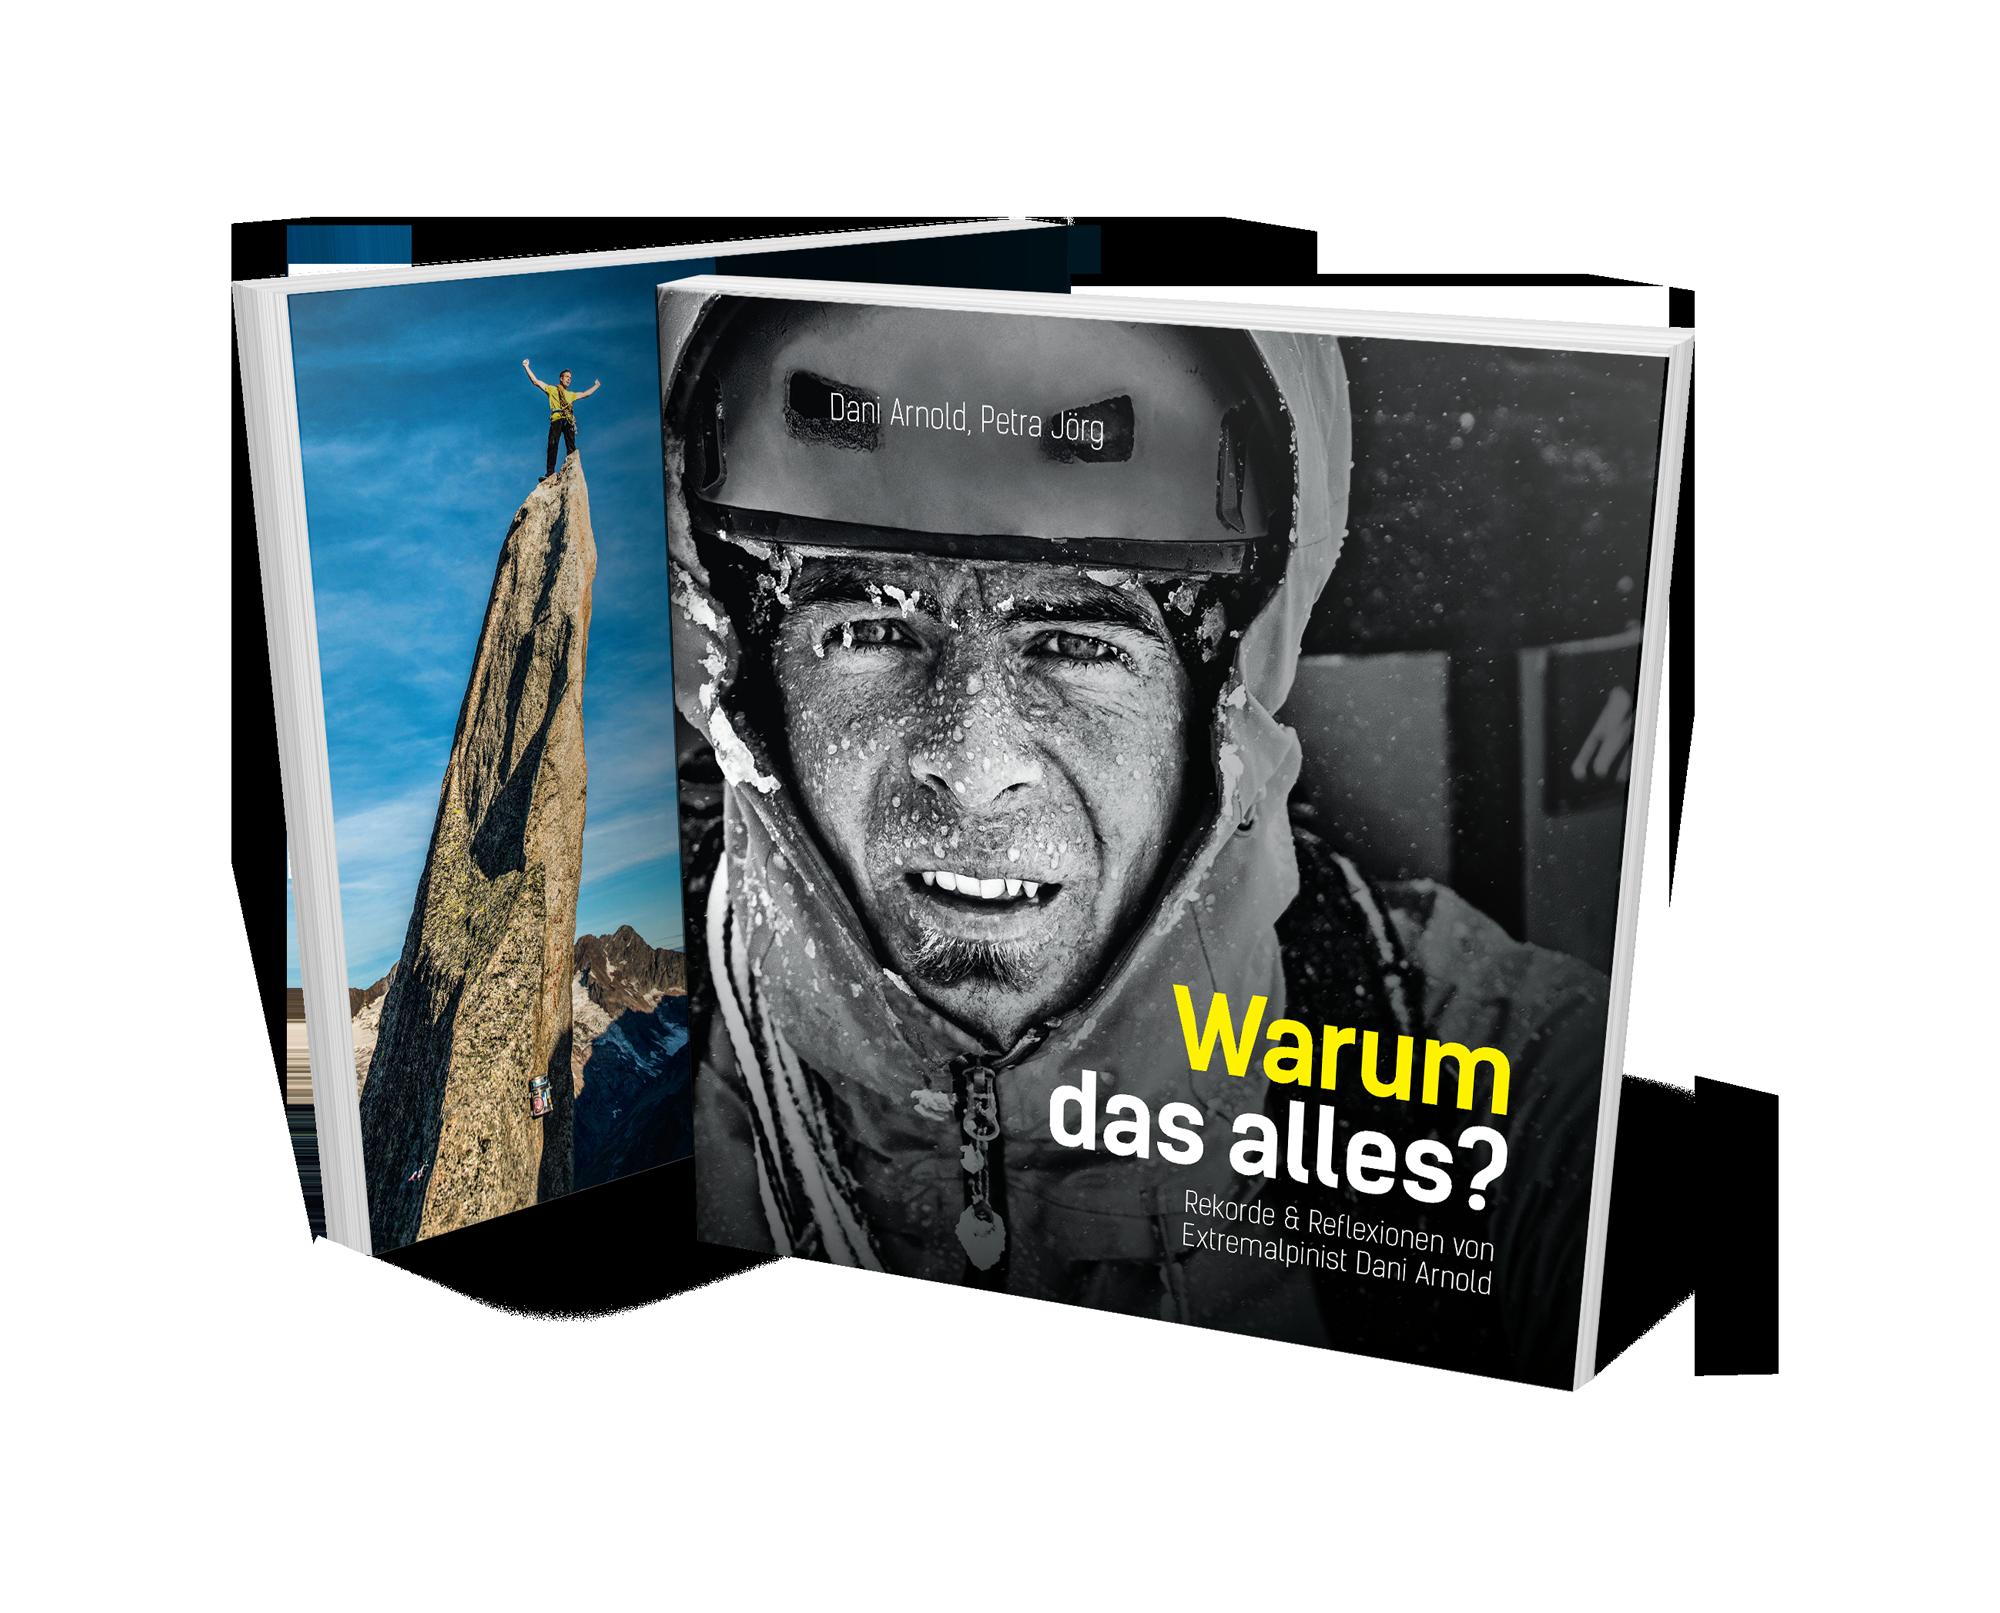 Warum das alles? - Rekorde & Reflexionen von Extremalpinist Dani ArnoldDani Arnolds erstes Buch. Ab Mitte September 2018.JETZT BESTELLEN